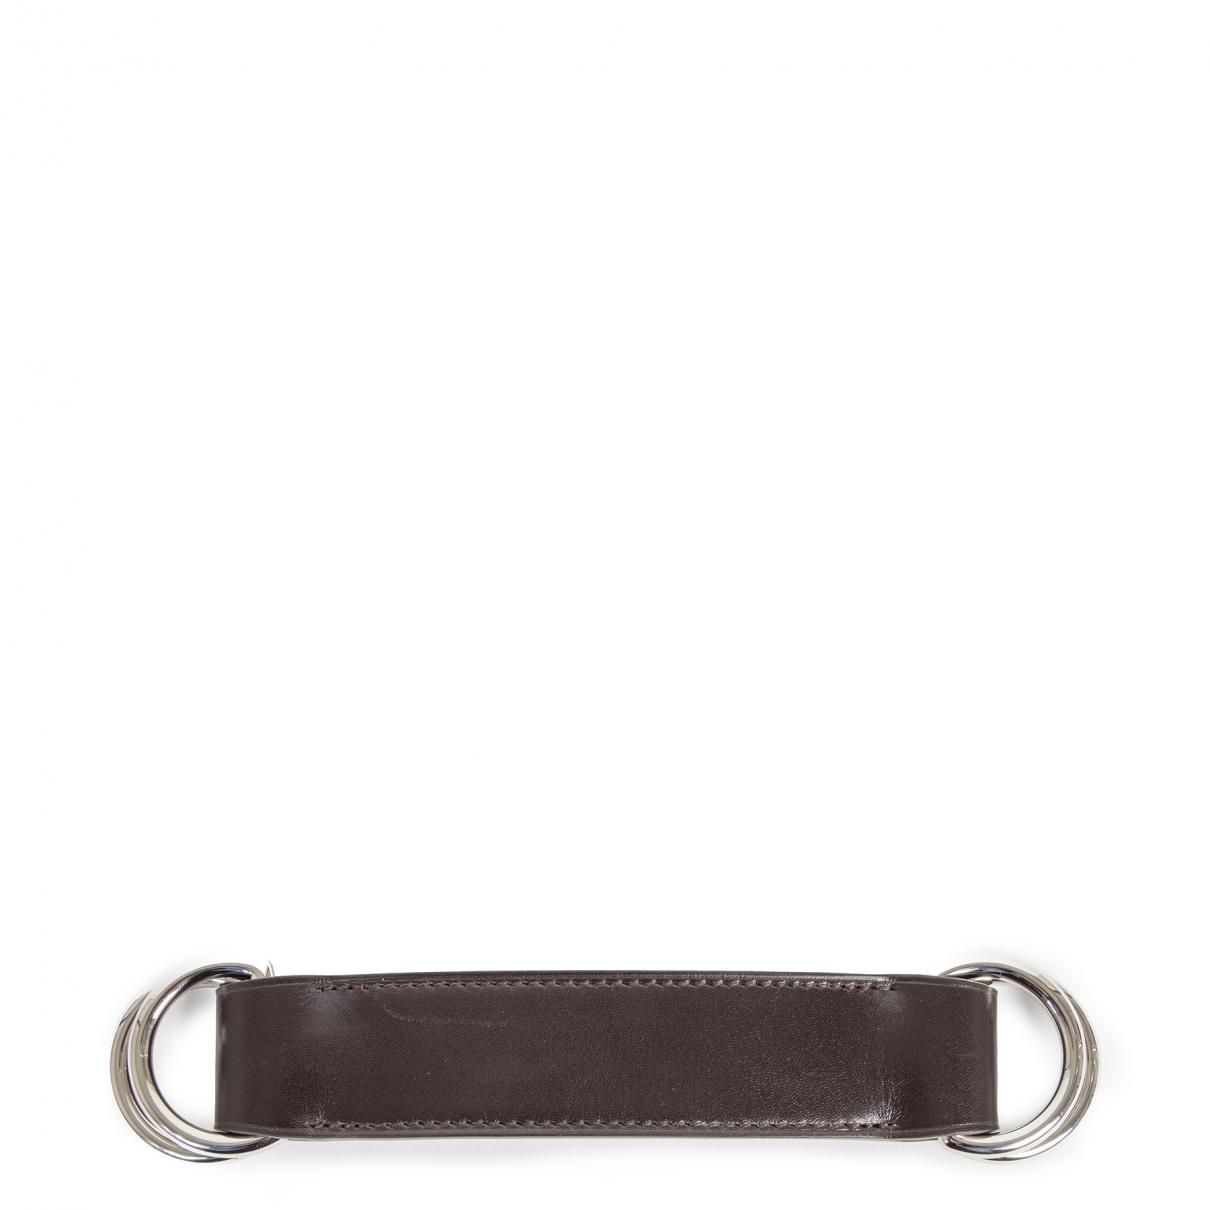 Cinturon de Cuero Hermes